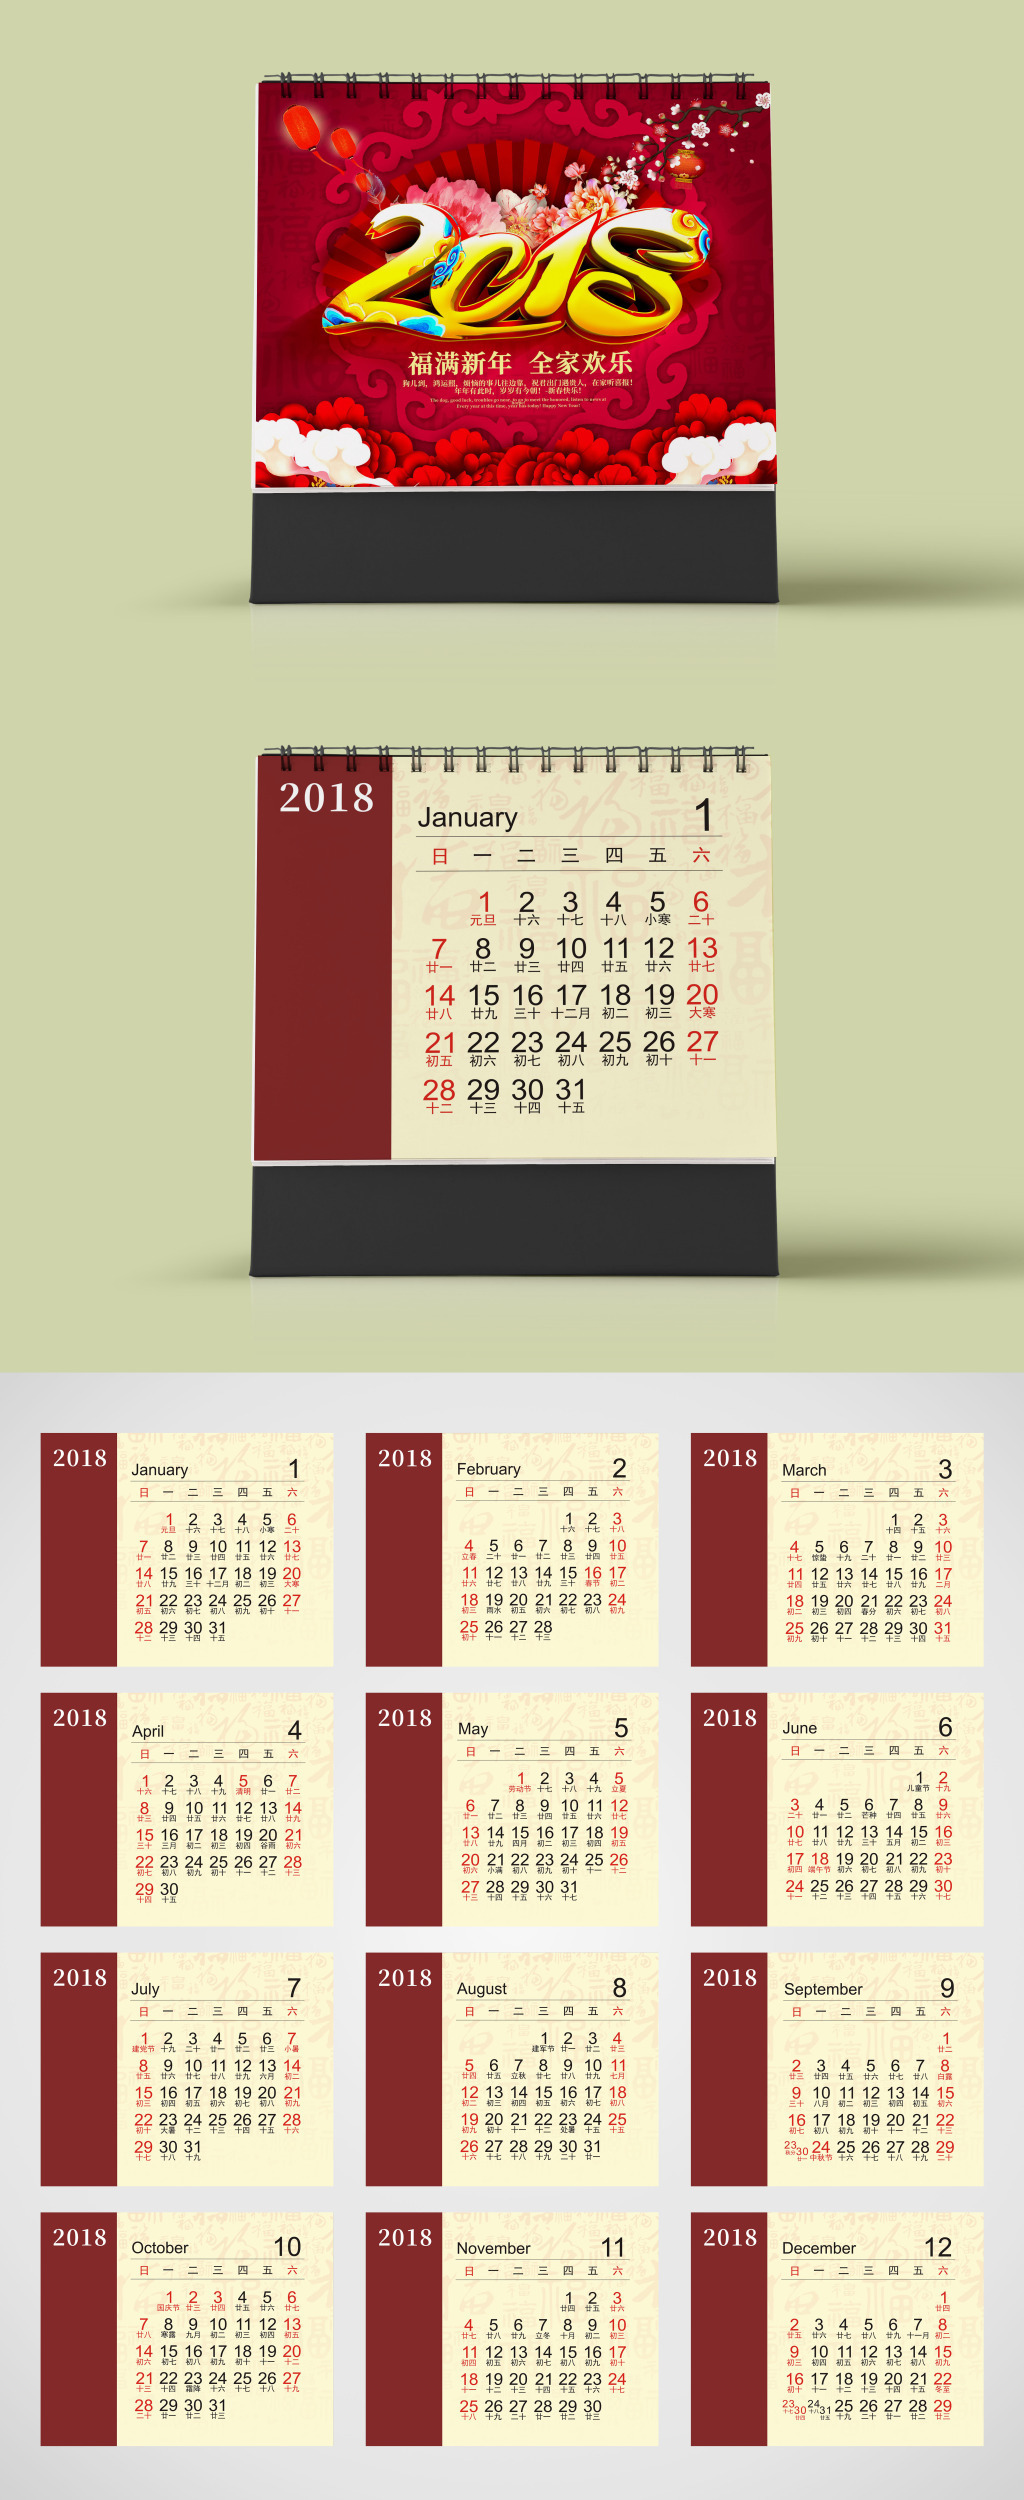 2018年狗年挂历模板设计水墨风狗年日历图片